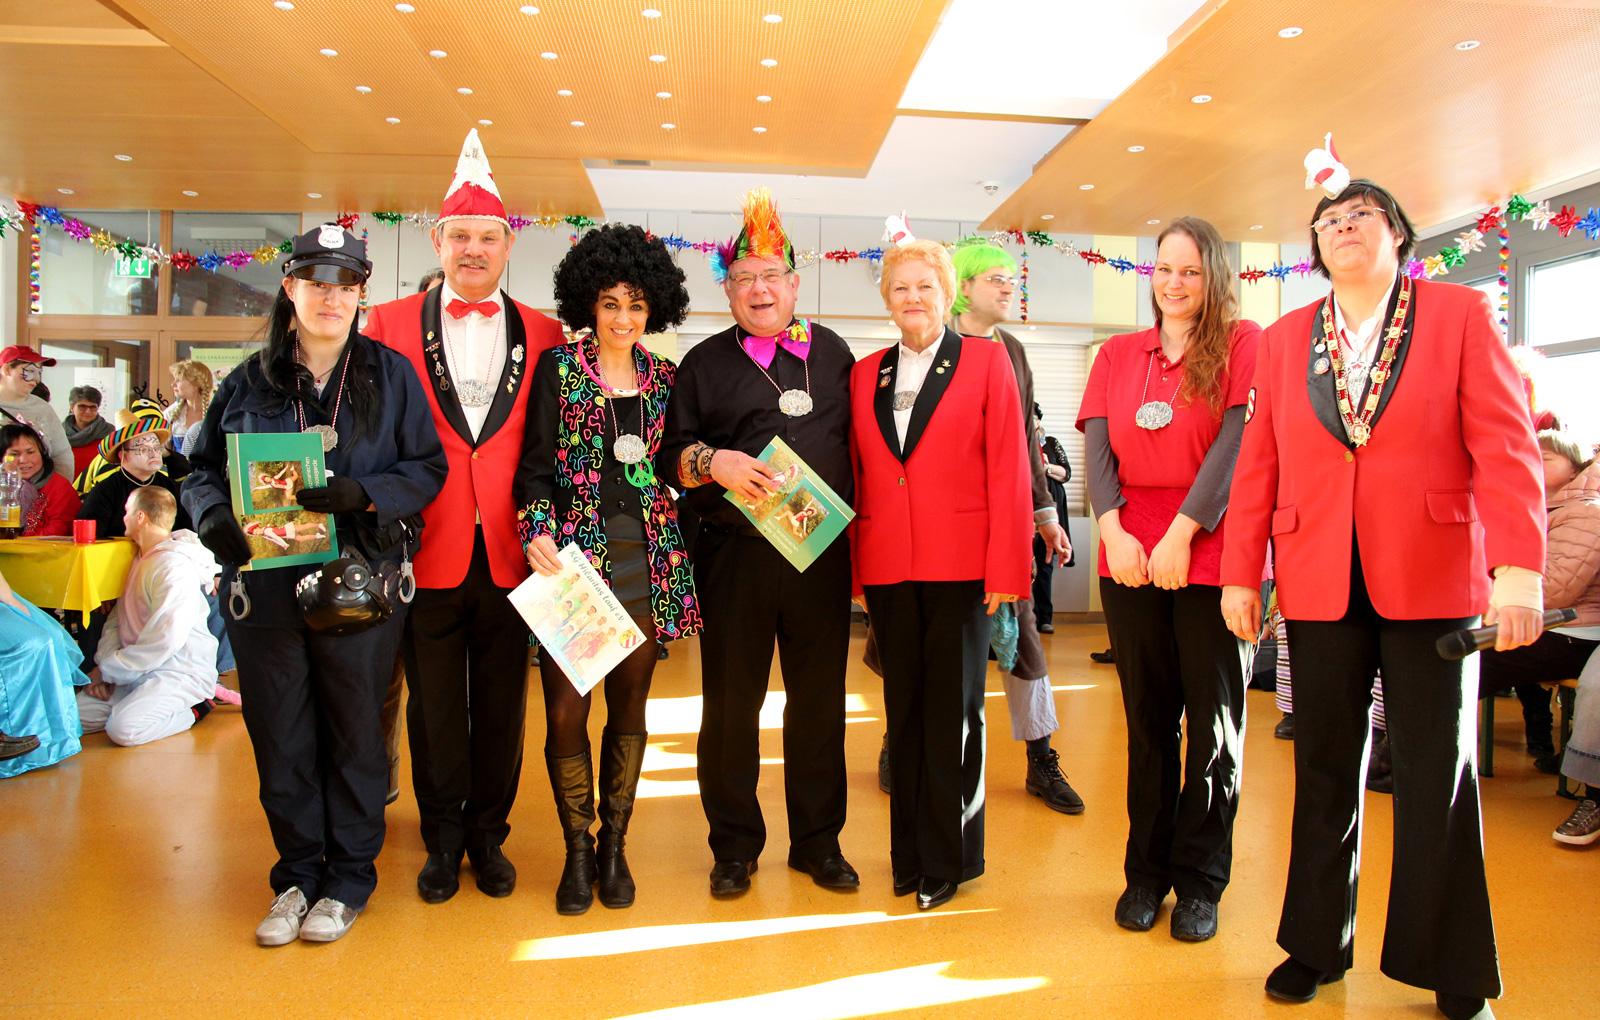 ... unter anderem wurde Lydia Stähle (links, Werksattrat) mit dem inklusiven Heiterkeitsorden der KG Hilaritas ausgezeichnet.